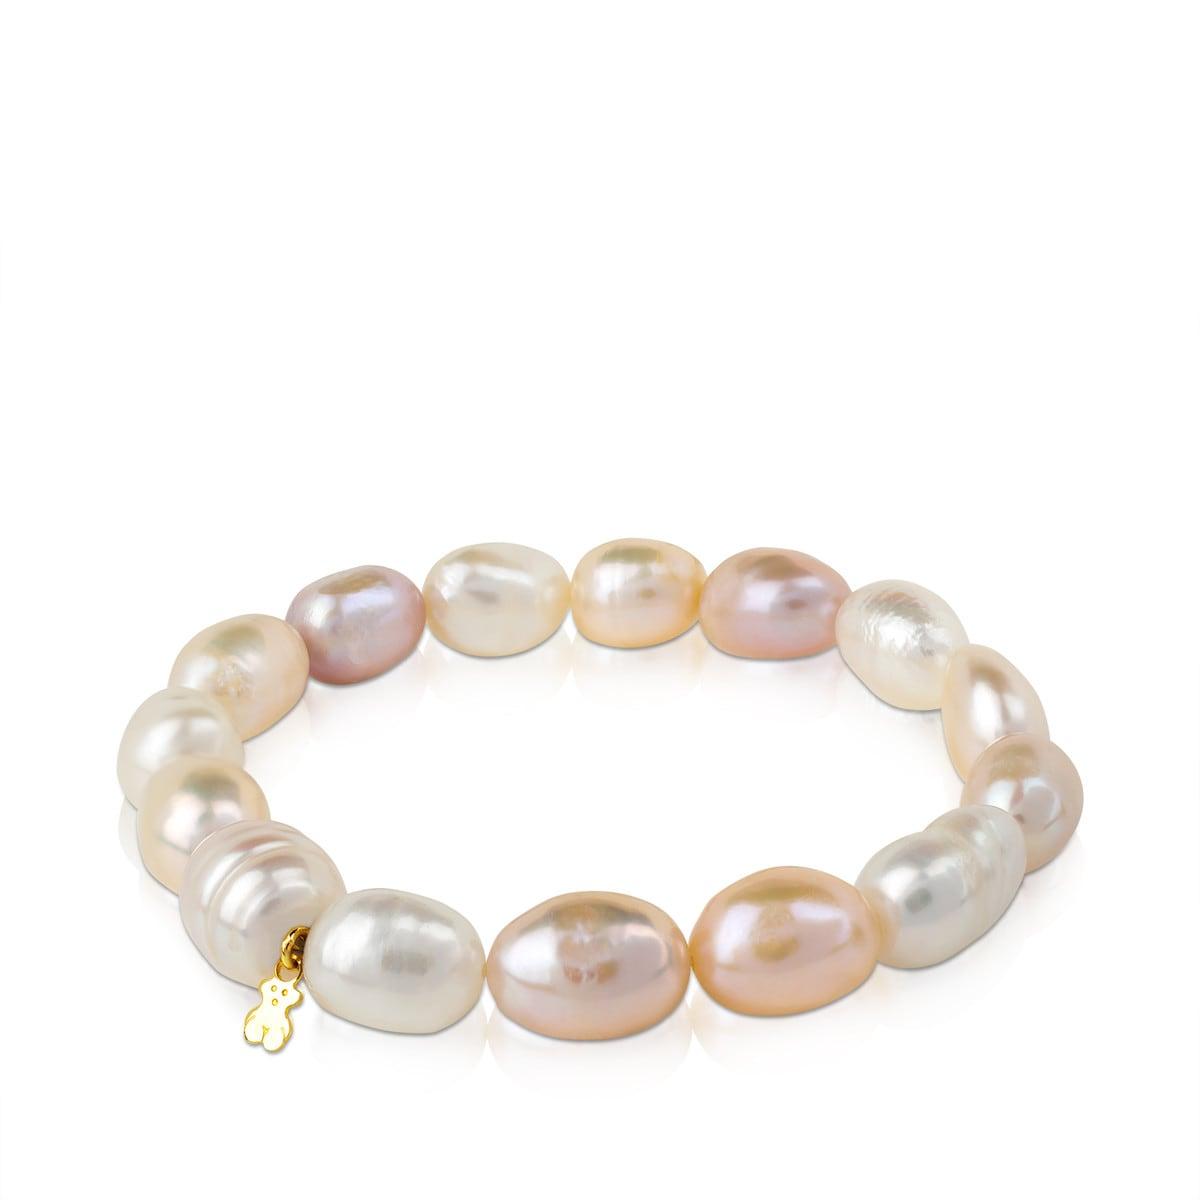 74330b958a08 Pulsera TOUS Pearls de Oro - Sitio web Tous España